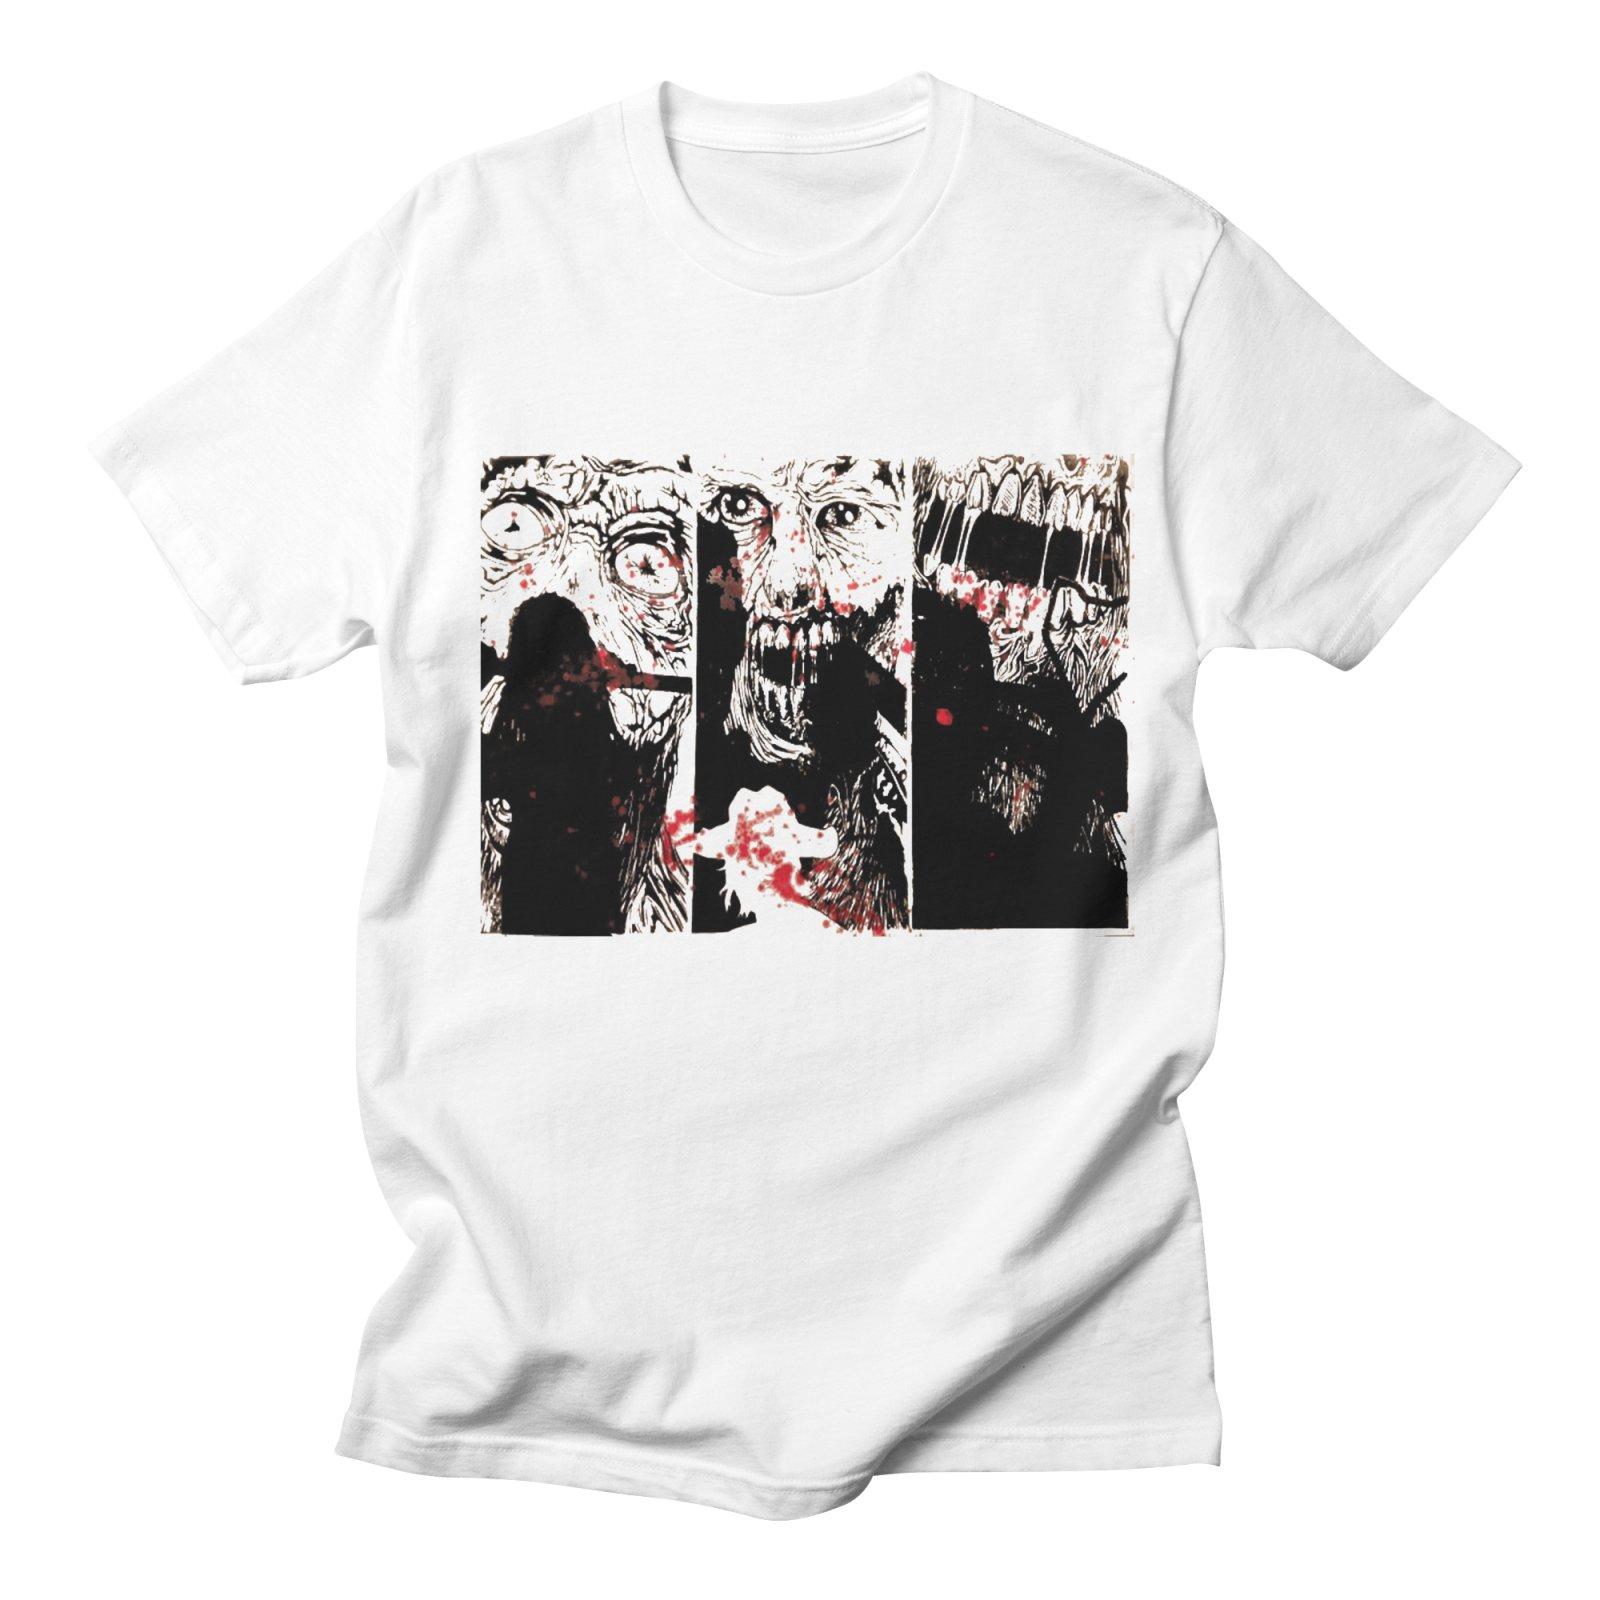 The Walking Dead Футболка Для мужчин хлопок короткий рукав Повседневное свободные уличная Harajuku удобные Homme Лето футболка Для мужчин хип-хоп